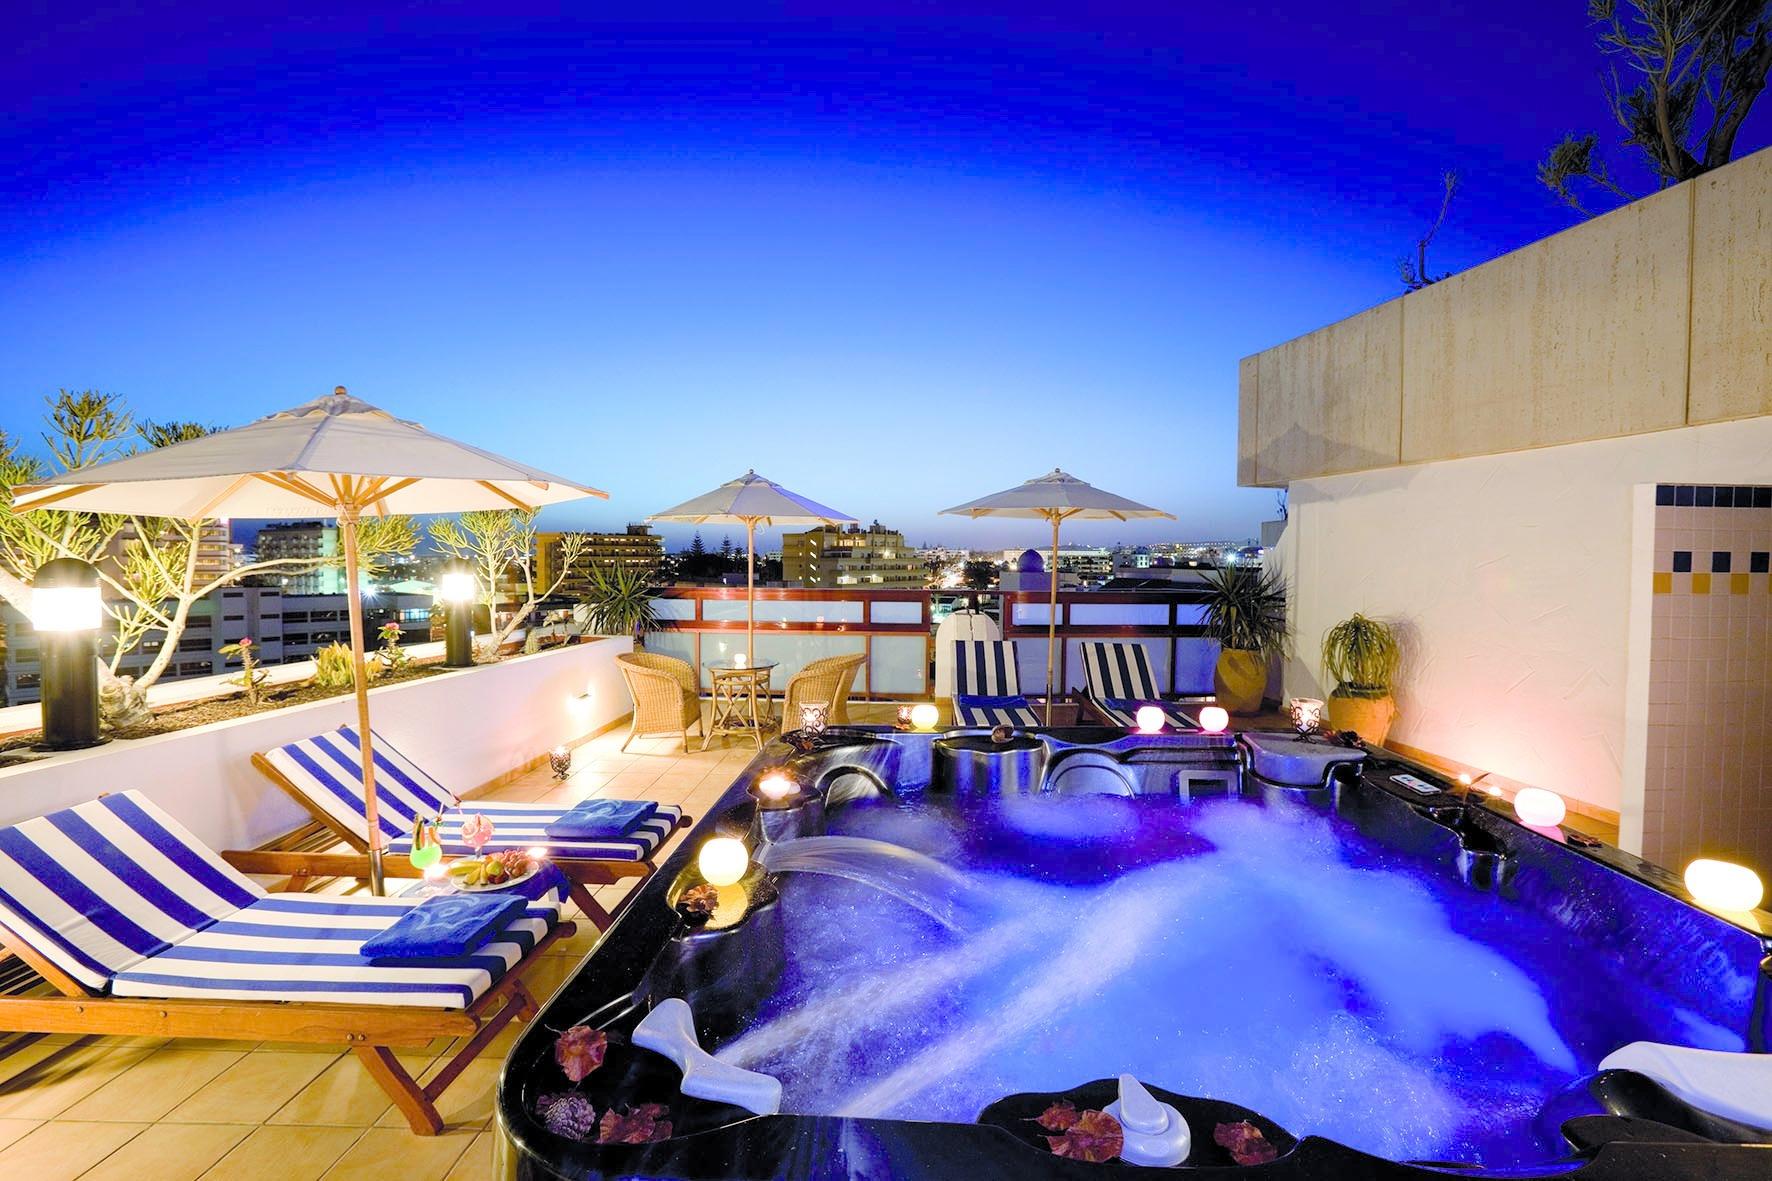 Seaside Gewinnt Wiederholt Tui Auszeichnung Das Seaside Grand Hotel